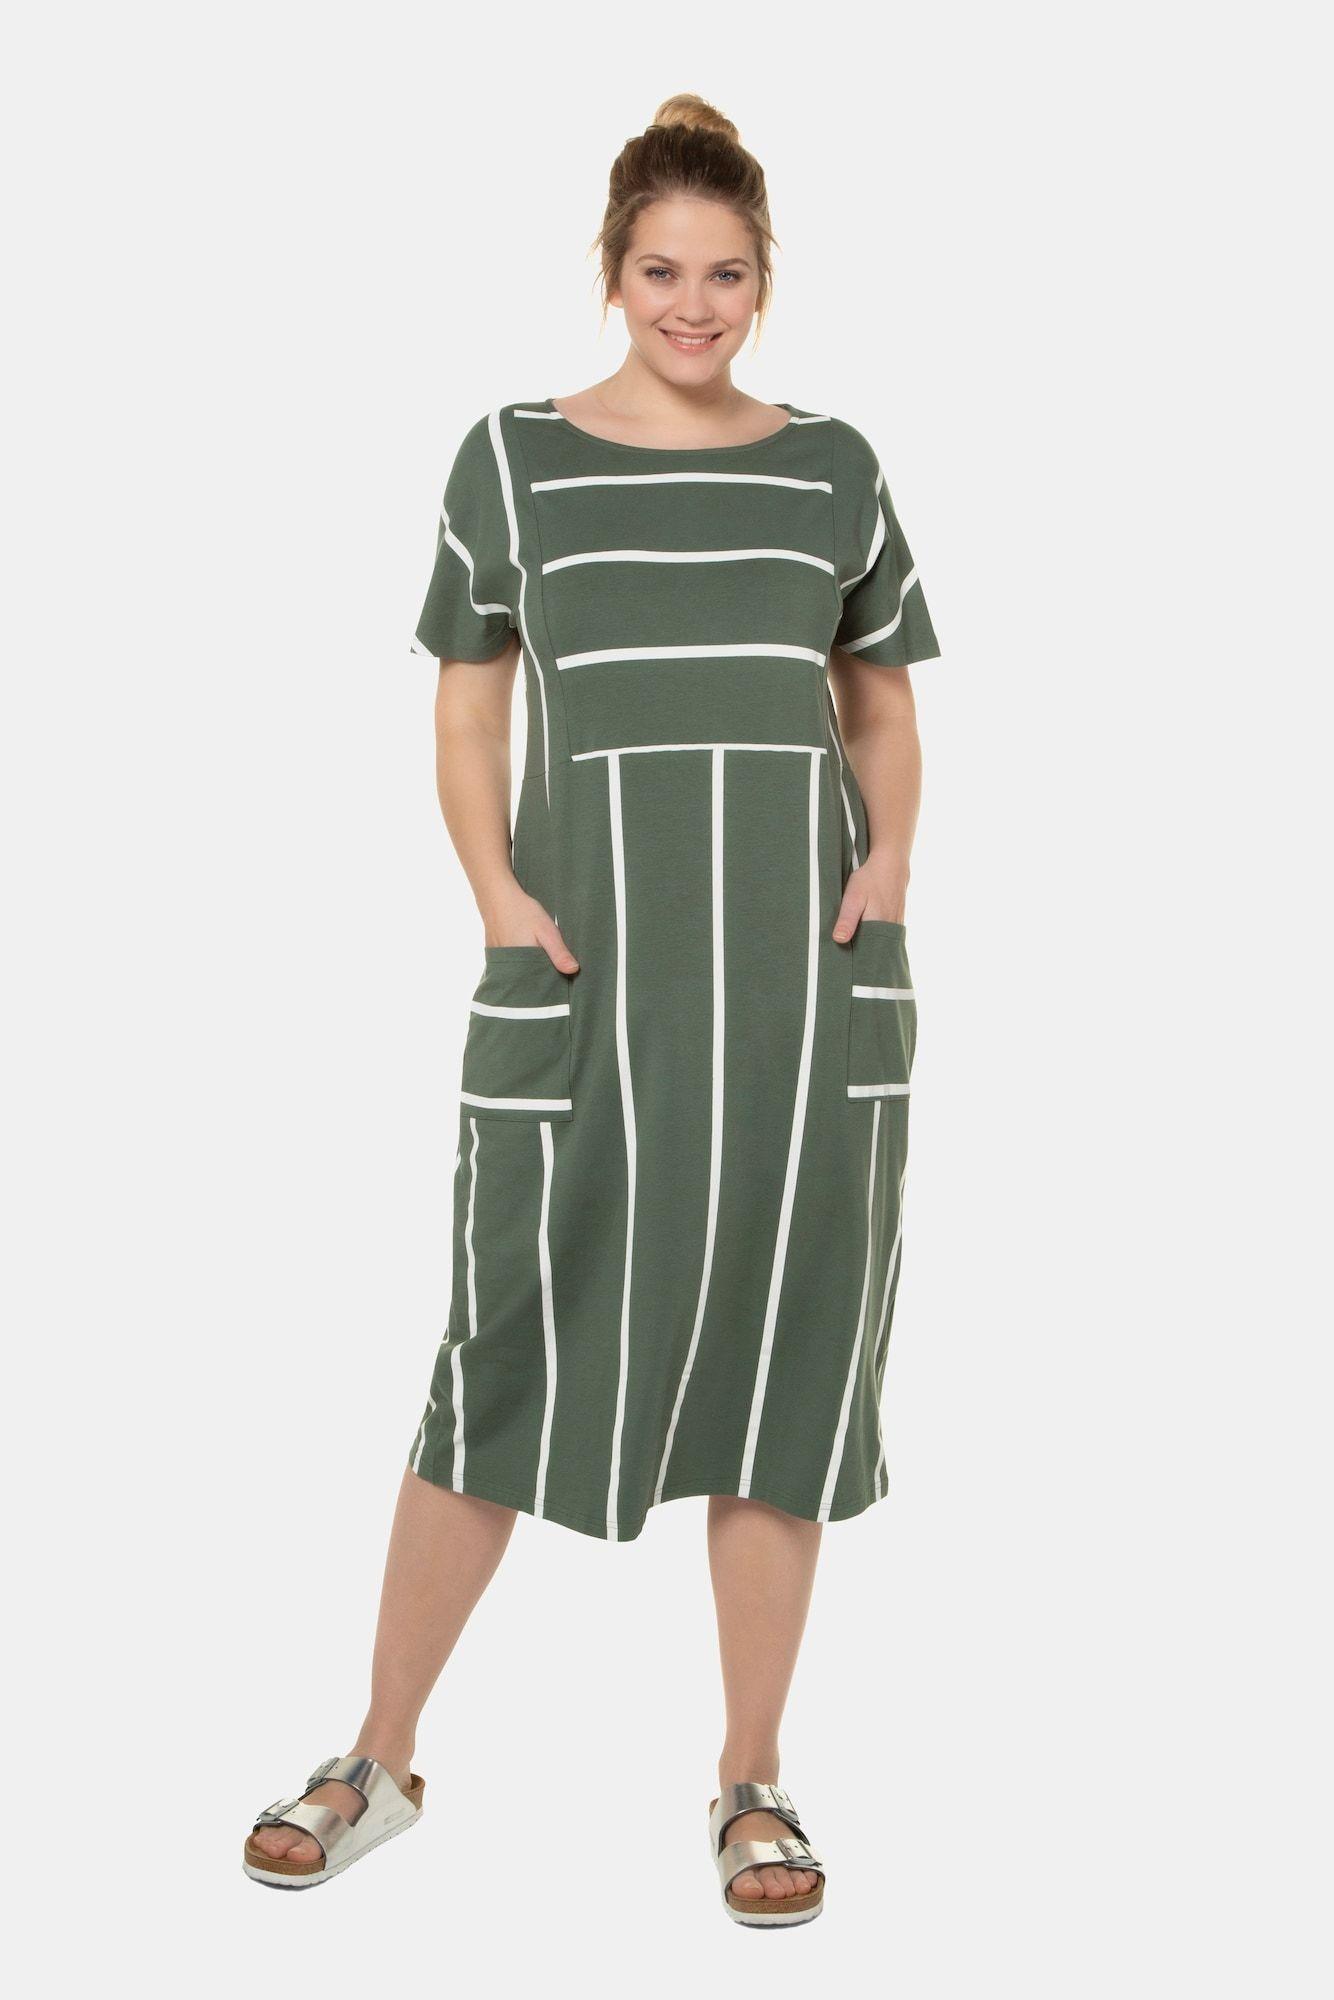 ulla popken kleid damen große größen grün / weiß größe 42/44